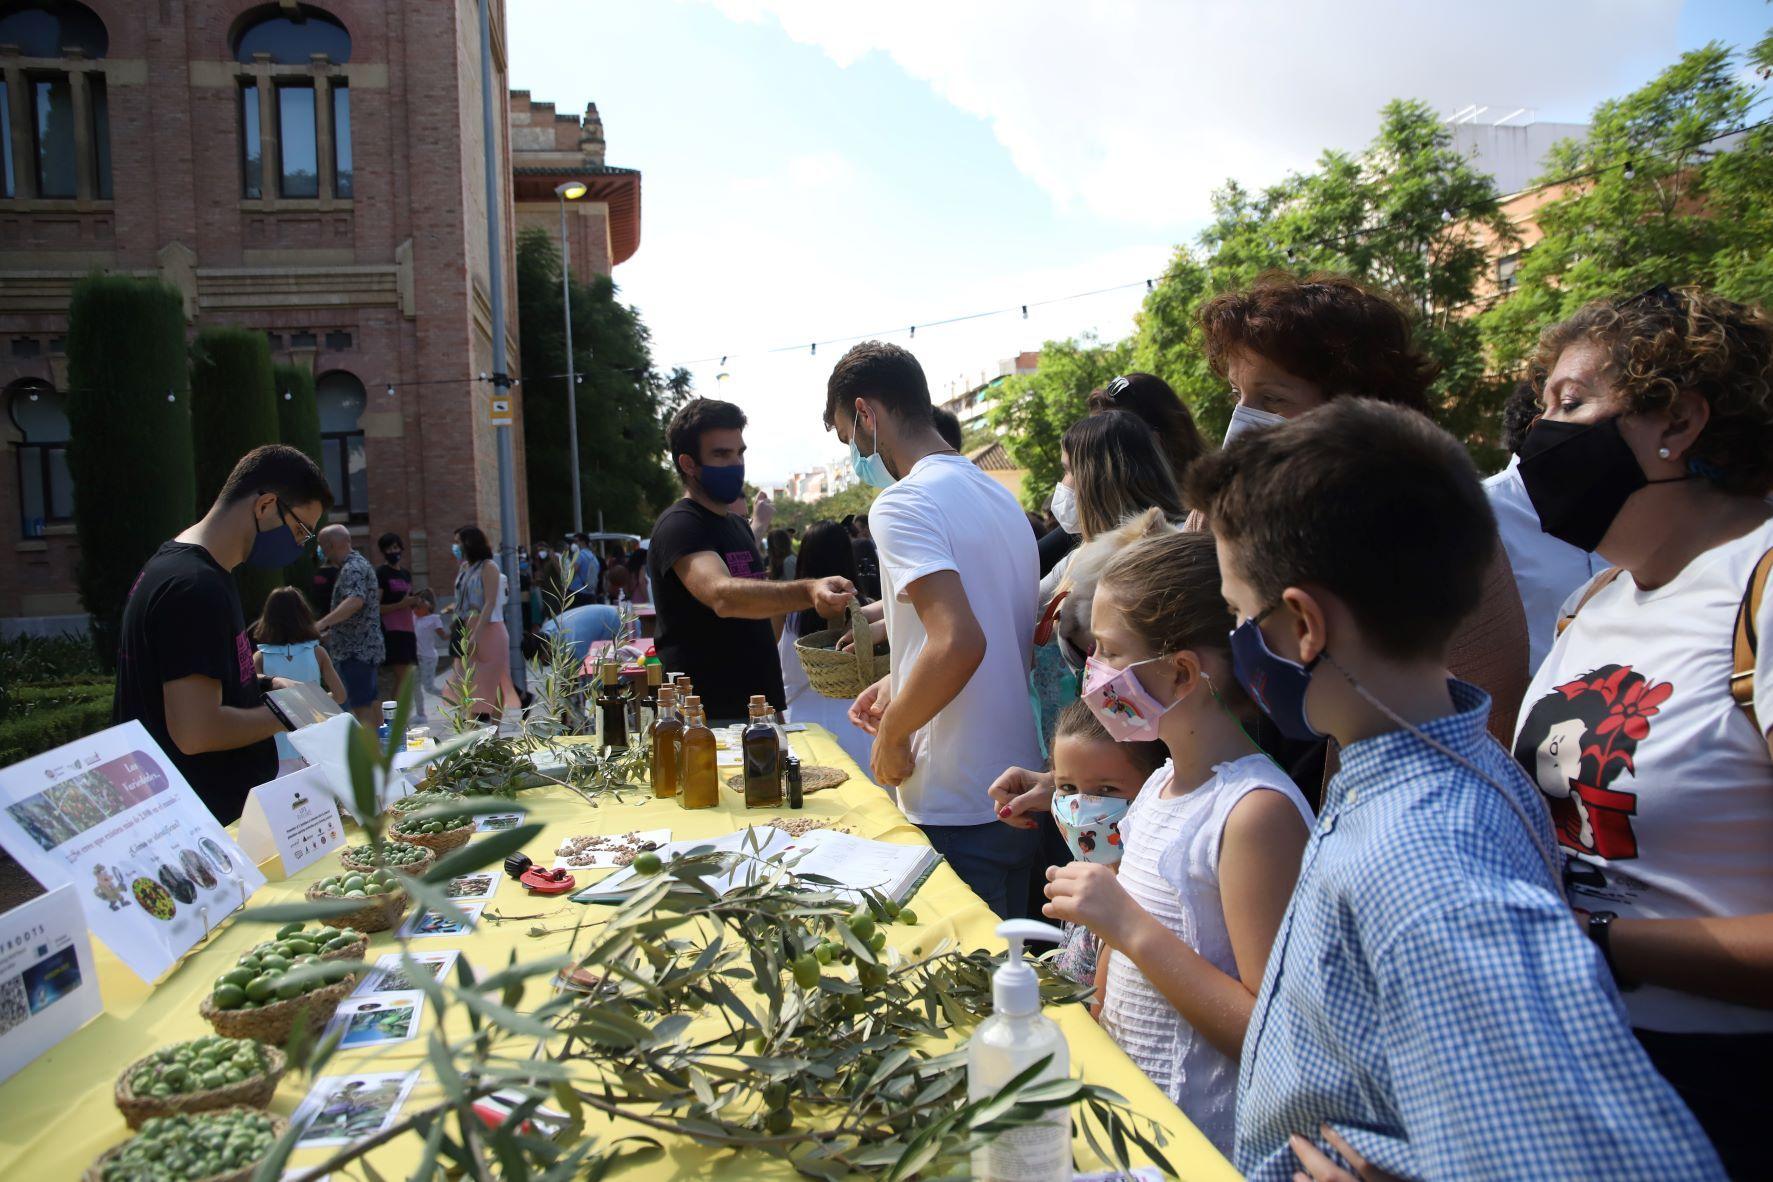 La ciencia se convierte en una fiesta infantil durante a Feria de los Ingenios